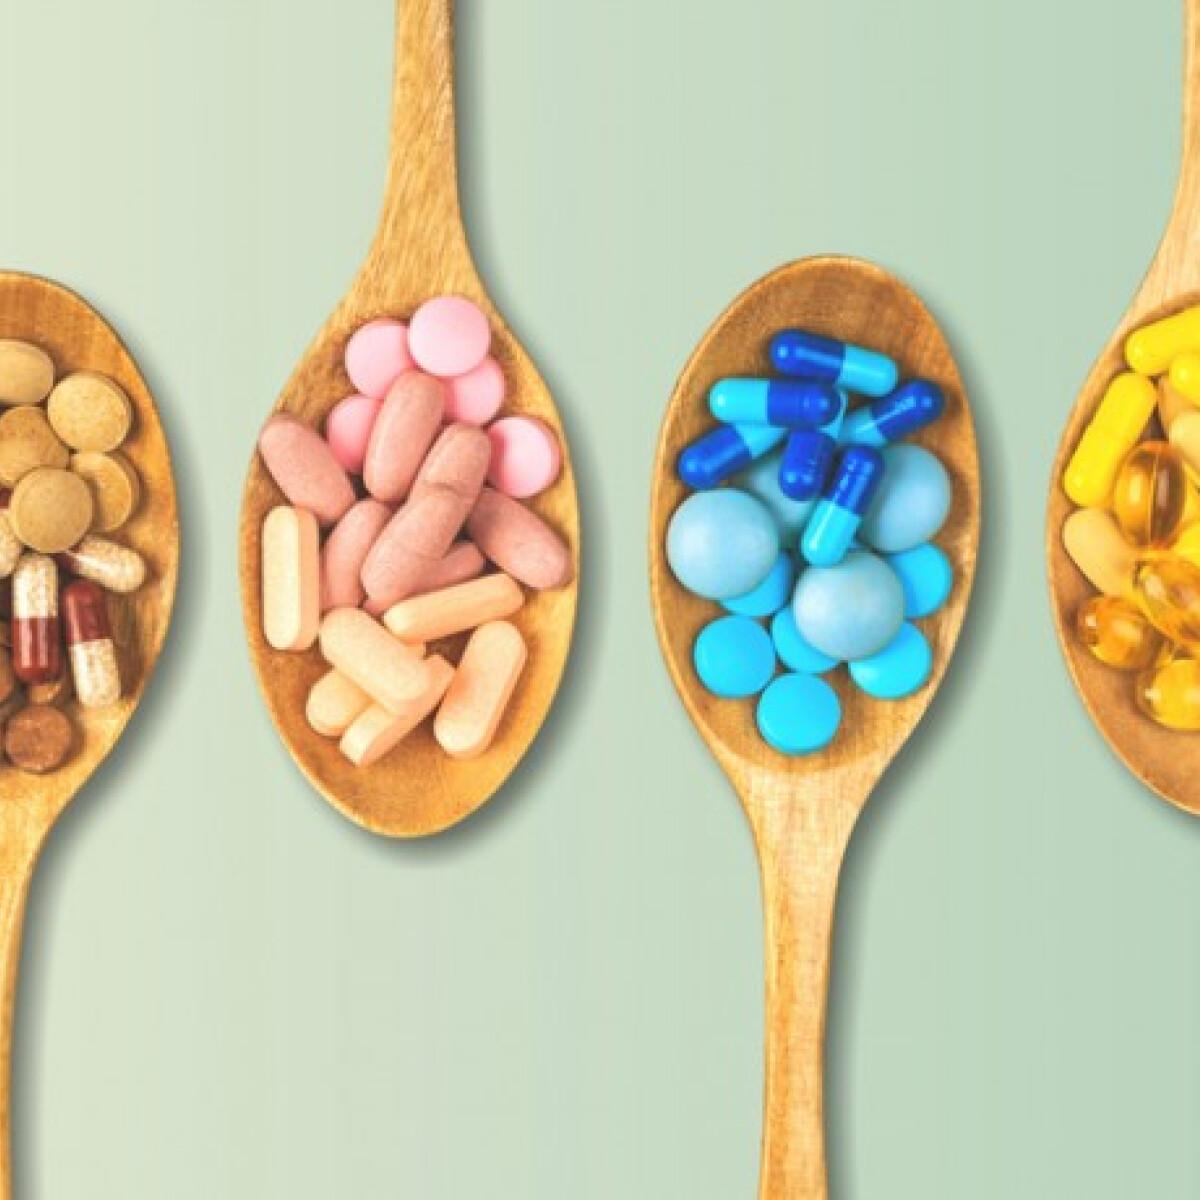 Multivitamin-tablettákkal töltöd fel a szervezeted raktárait? Olvasd el erről az orvos véleményét!